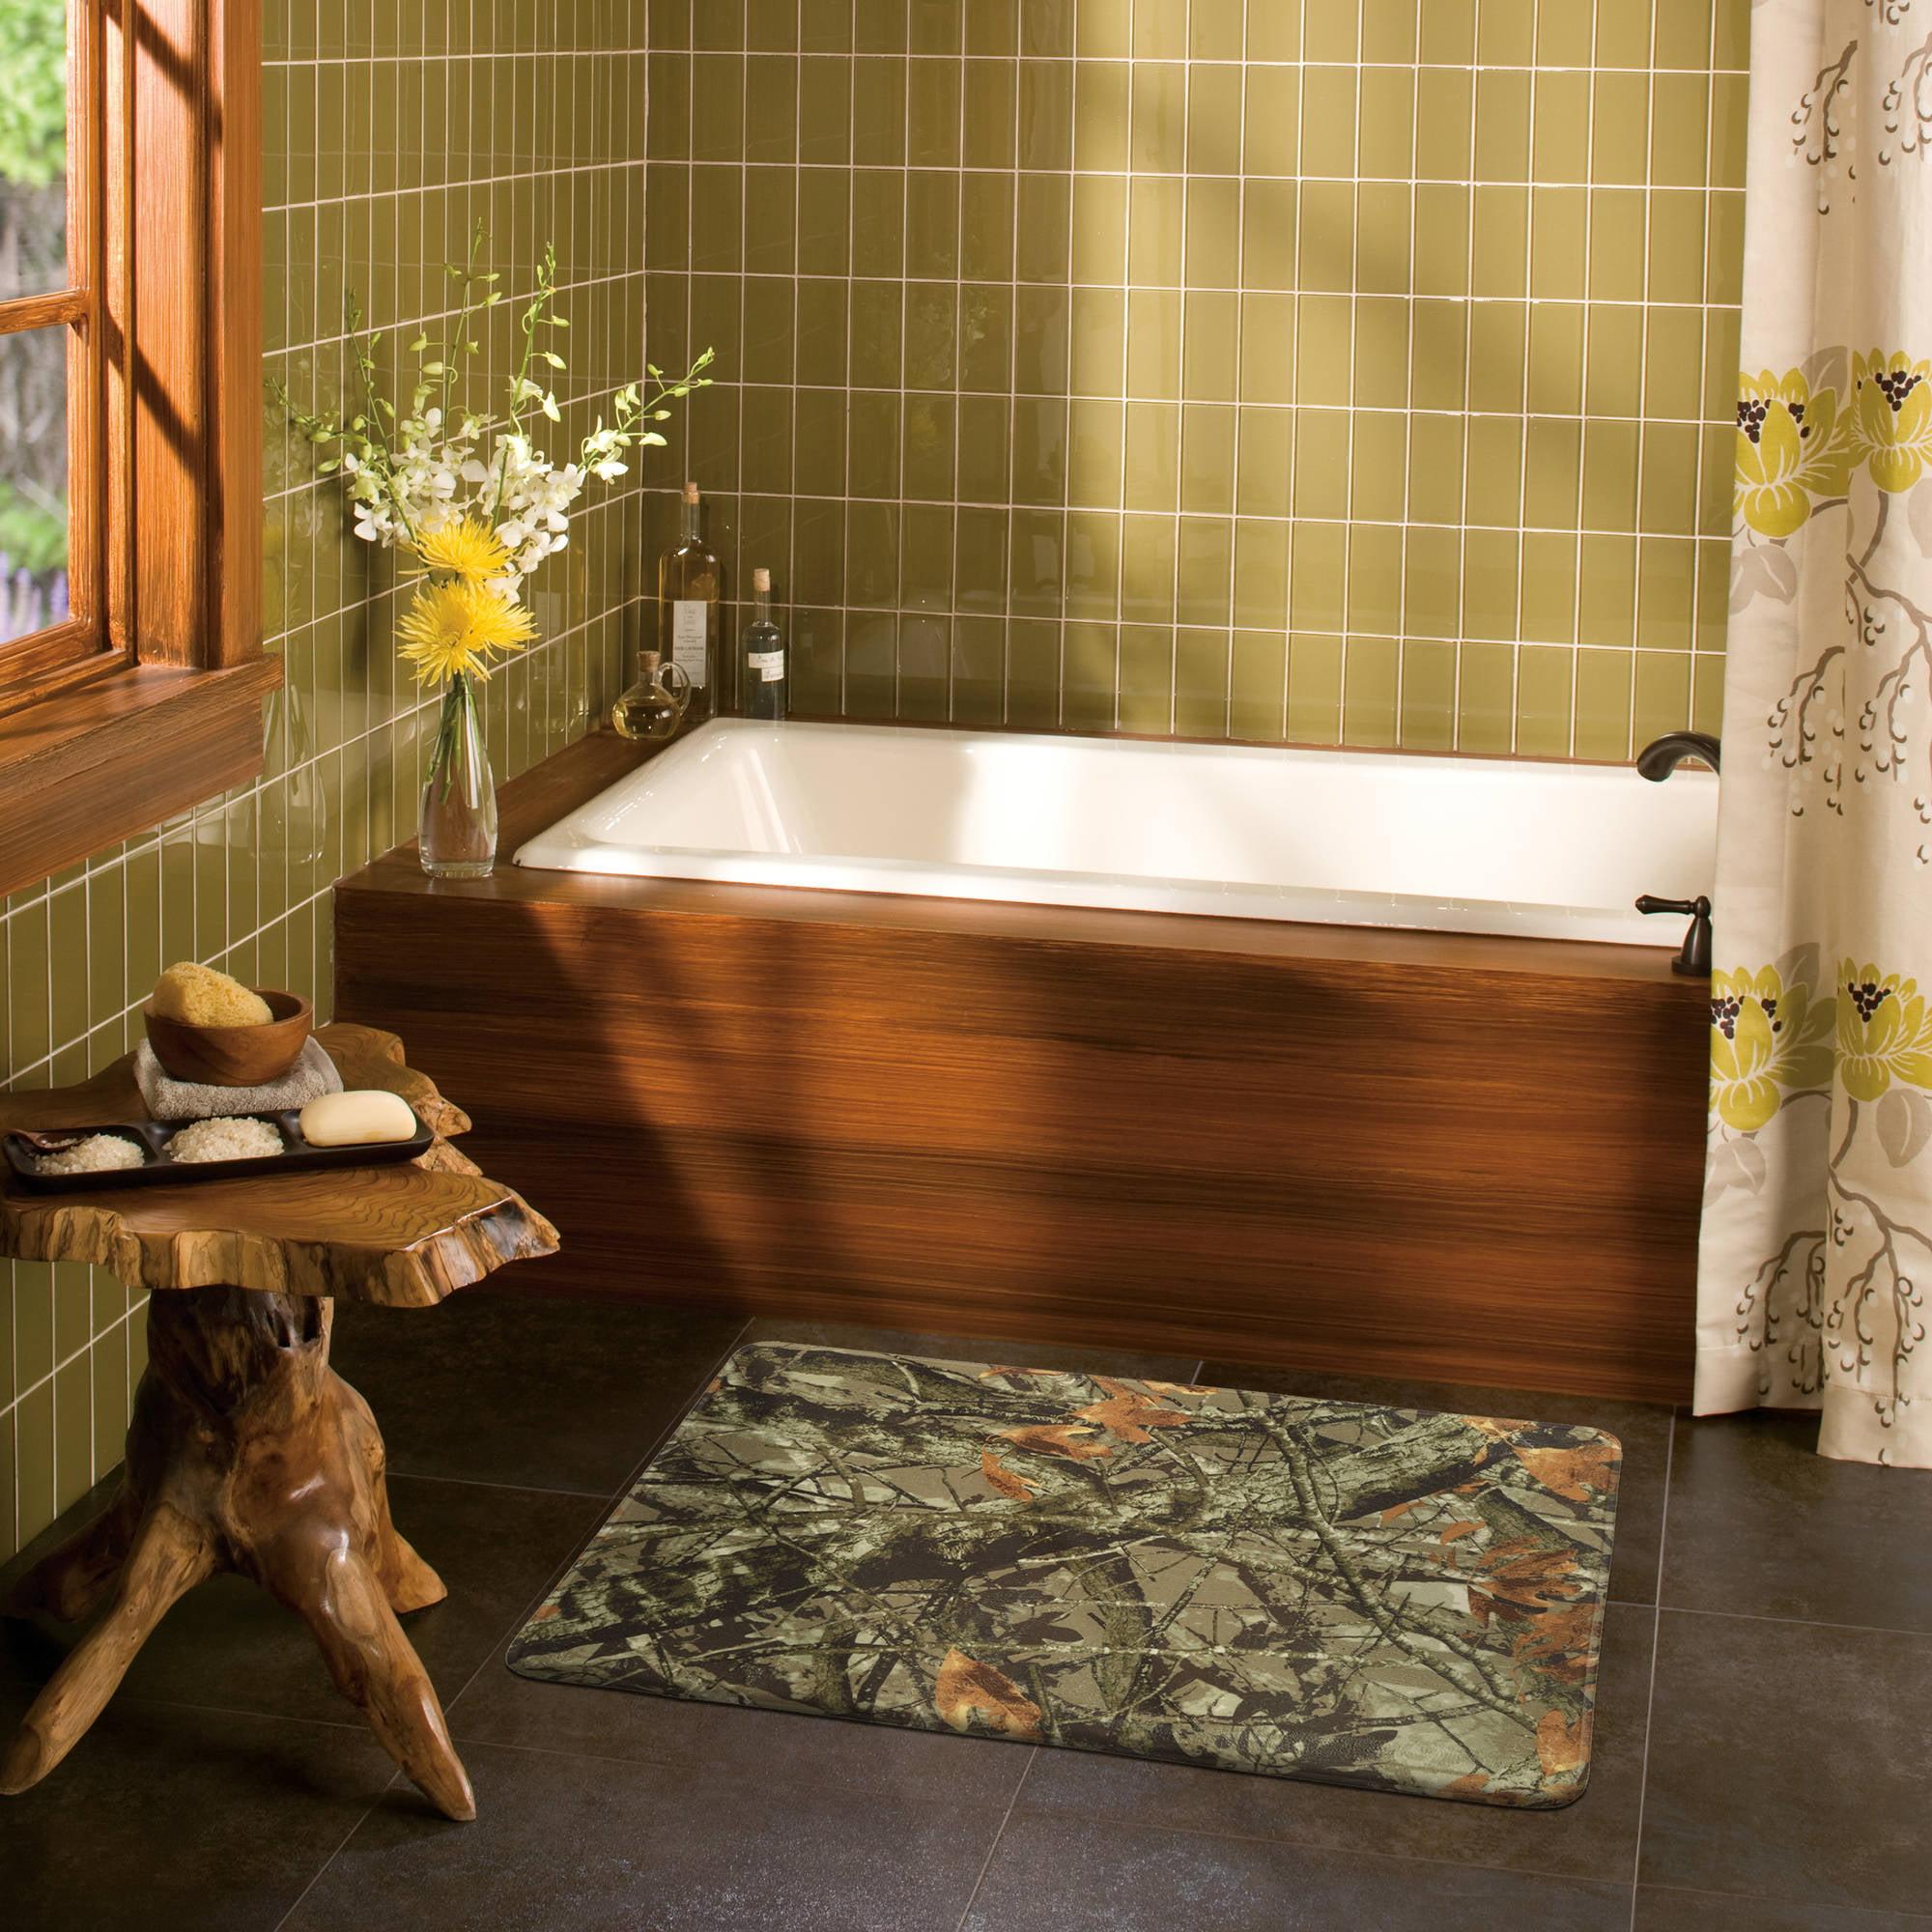 Mainstays Ozark Trail Memory Foam Bath Rug by Refine